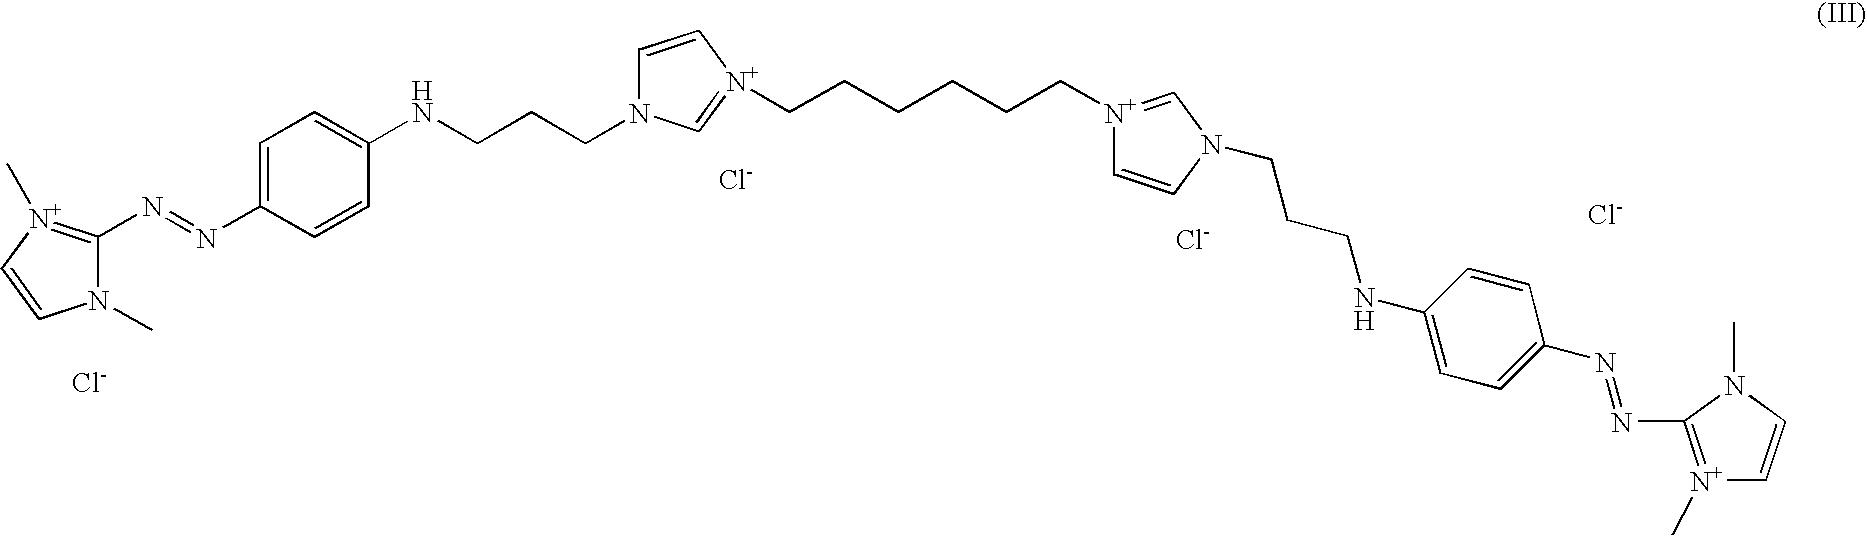 Figure US07282068-20071016-C00007